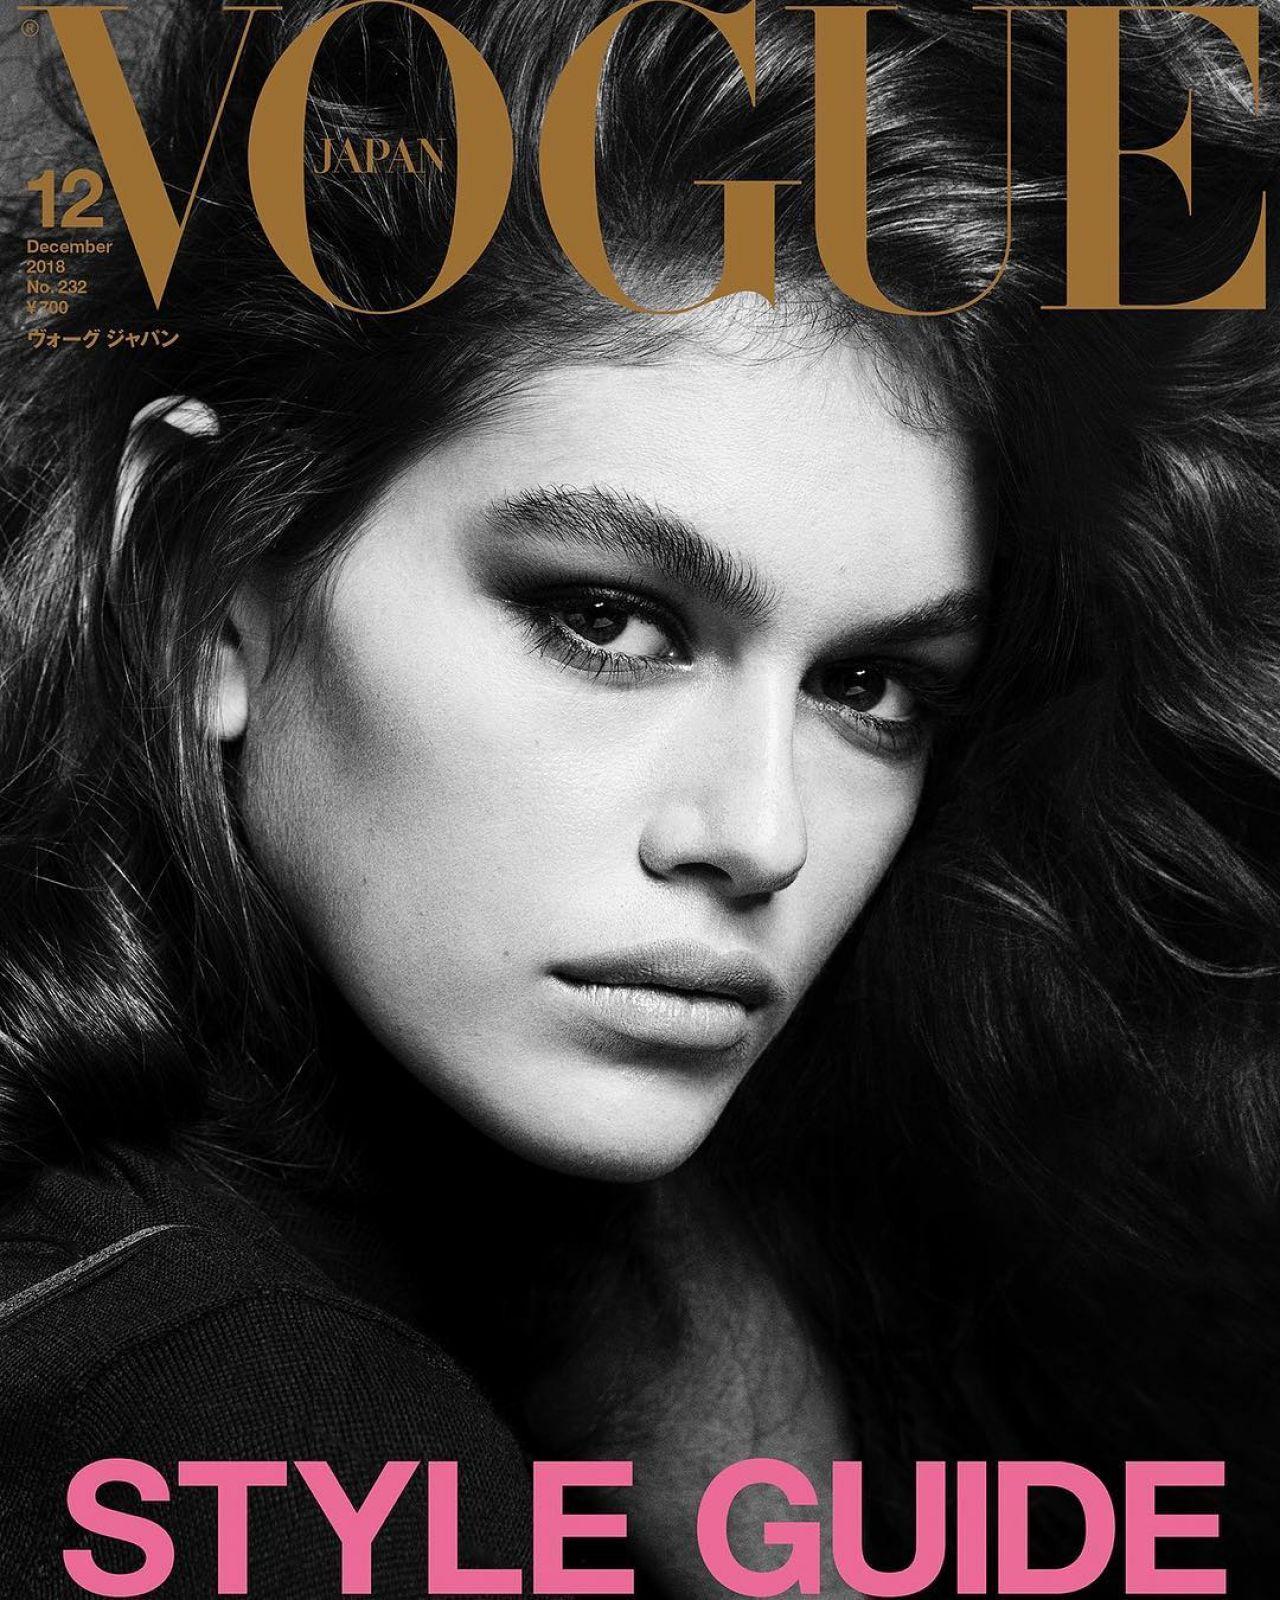 Kaia Gerber - Vogue Japan December 2018